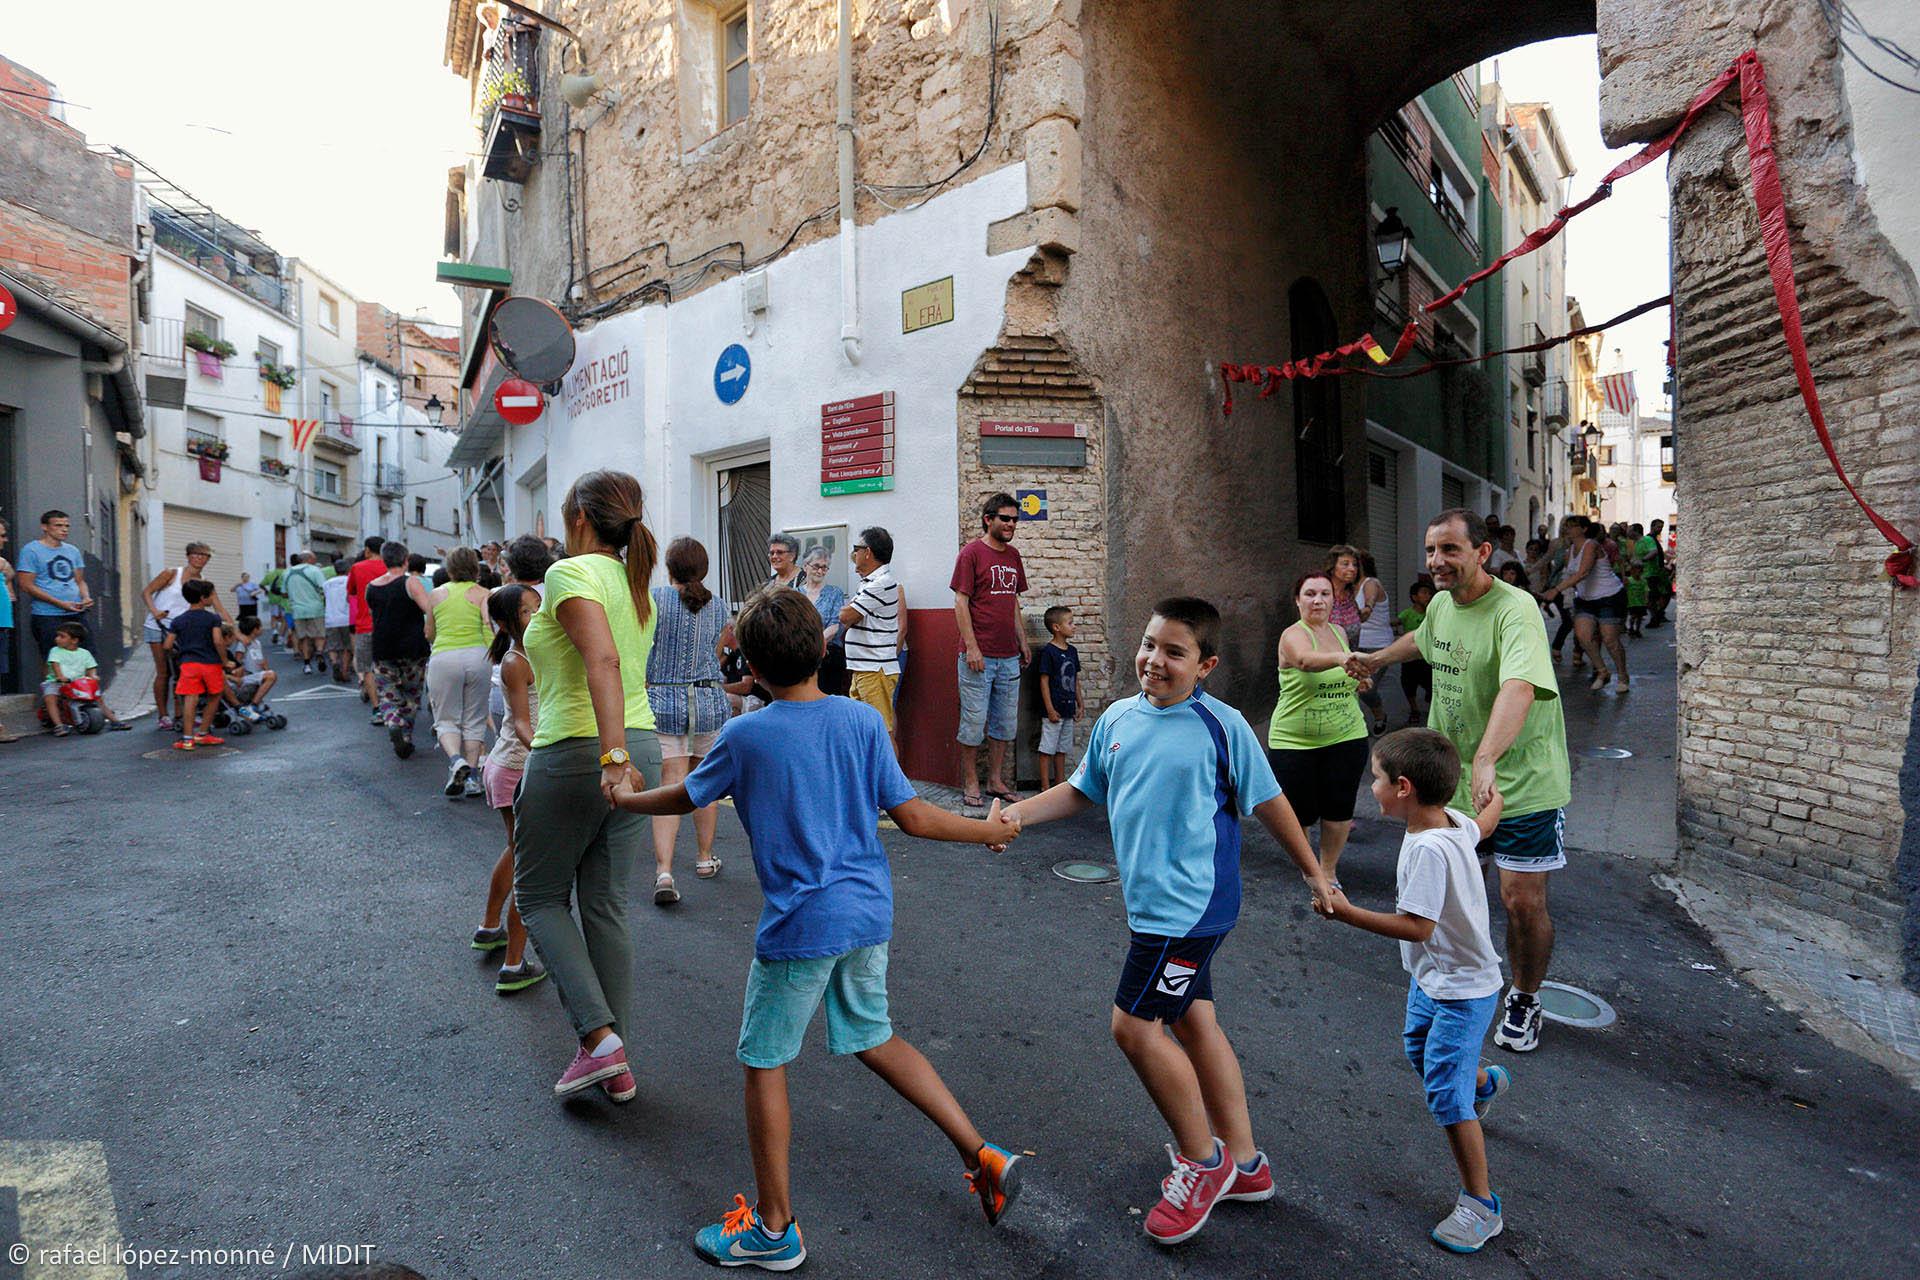 La Dansa de Tivissa. Festes de Sant Jaume a Tivissa. Tivissa, Ribera d'Ebre, Tarragona.